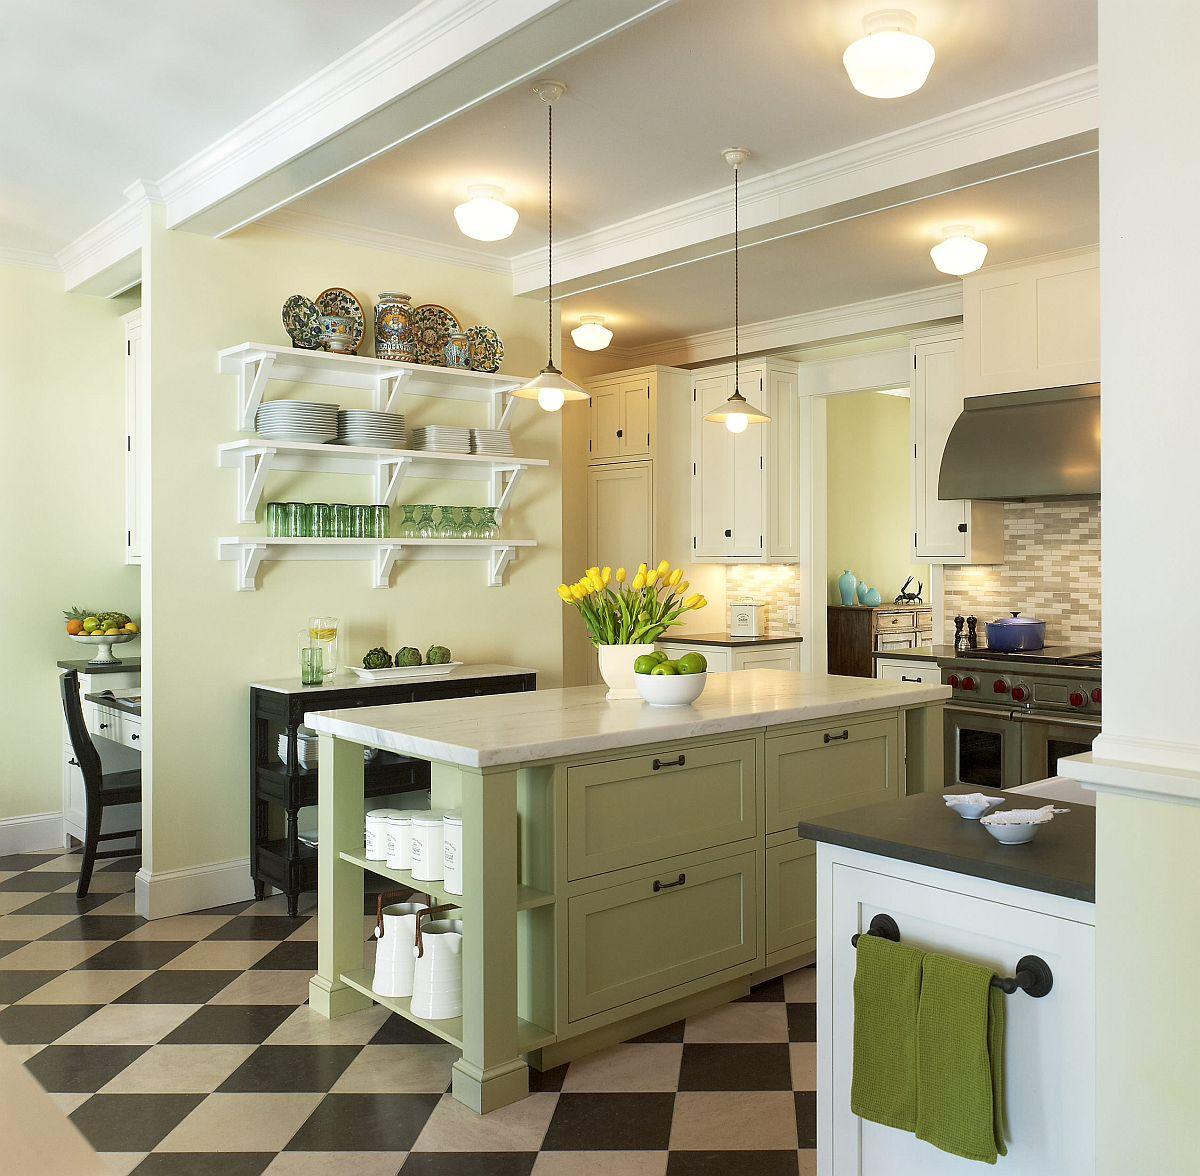 Không quá cầu kỳ, bạn chỉ cần sơn lại chiếc tủ bếp theo màu xanh pastel, bỏ vài chiếc cốc cùng tone màu, hay thậm chí là khăn lau tay, thêm chút hoa vàng trên bàn bếp, và căn phòng đã không còn đơn điệu với tone màu trắng đen như trước nữa.